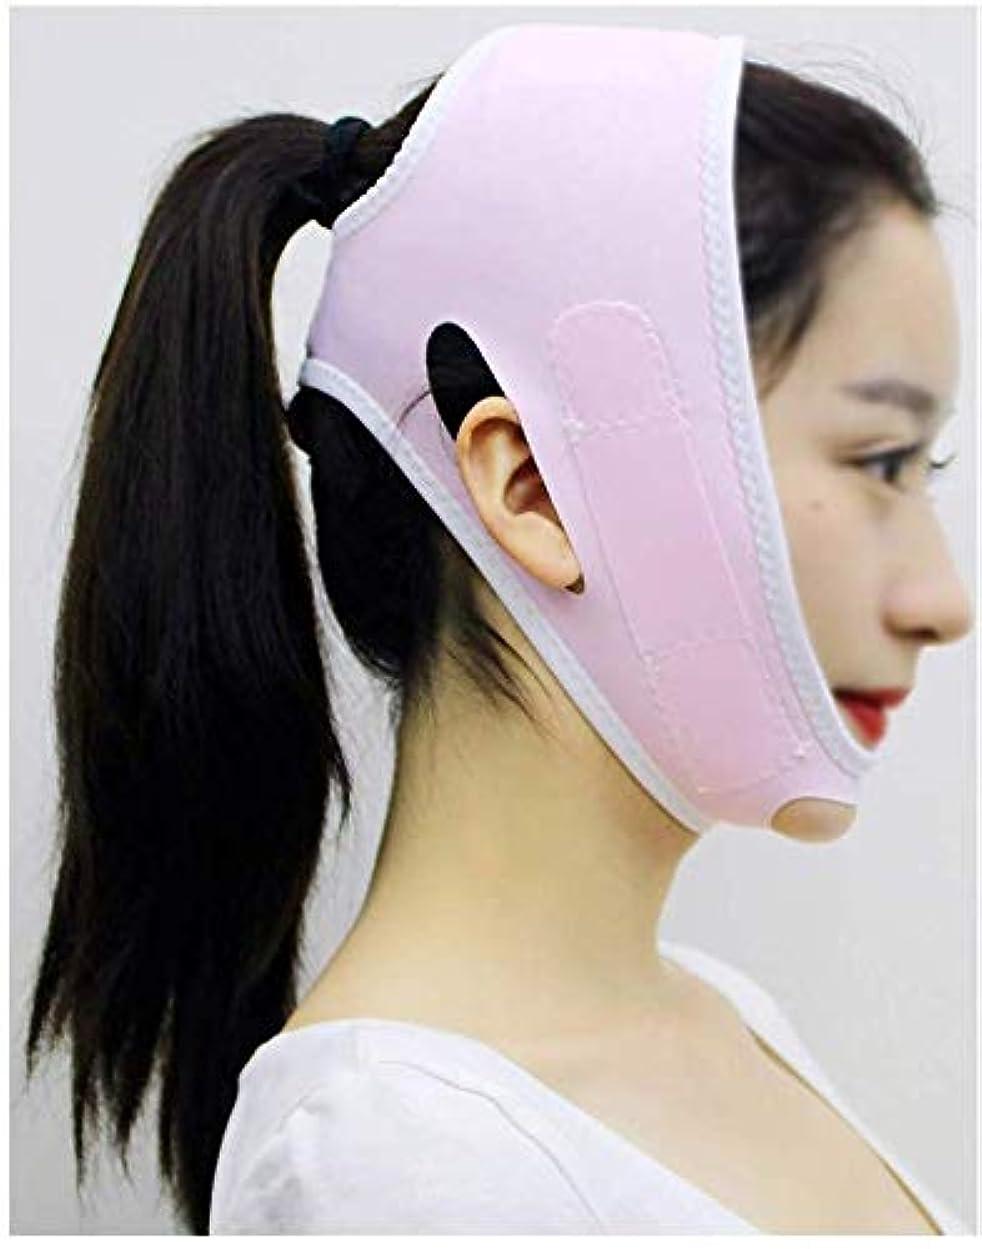 代替案パケット巨大な美容と実用的なフェイスリフトマスク、チンストラップの回復ポスト包帯ヘッドギアフェイスマスクフェイスリフト小さなV顔アーティファクト形成美容弾性バンドフェイスとネックリフト(サイズ:ピンク)